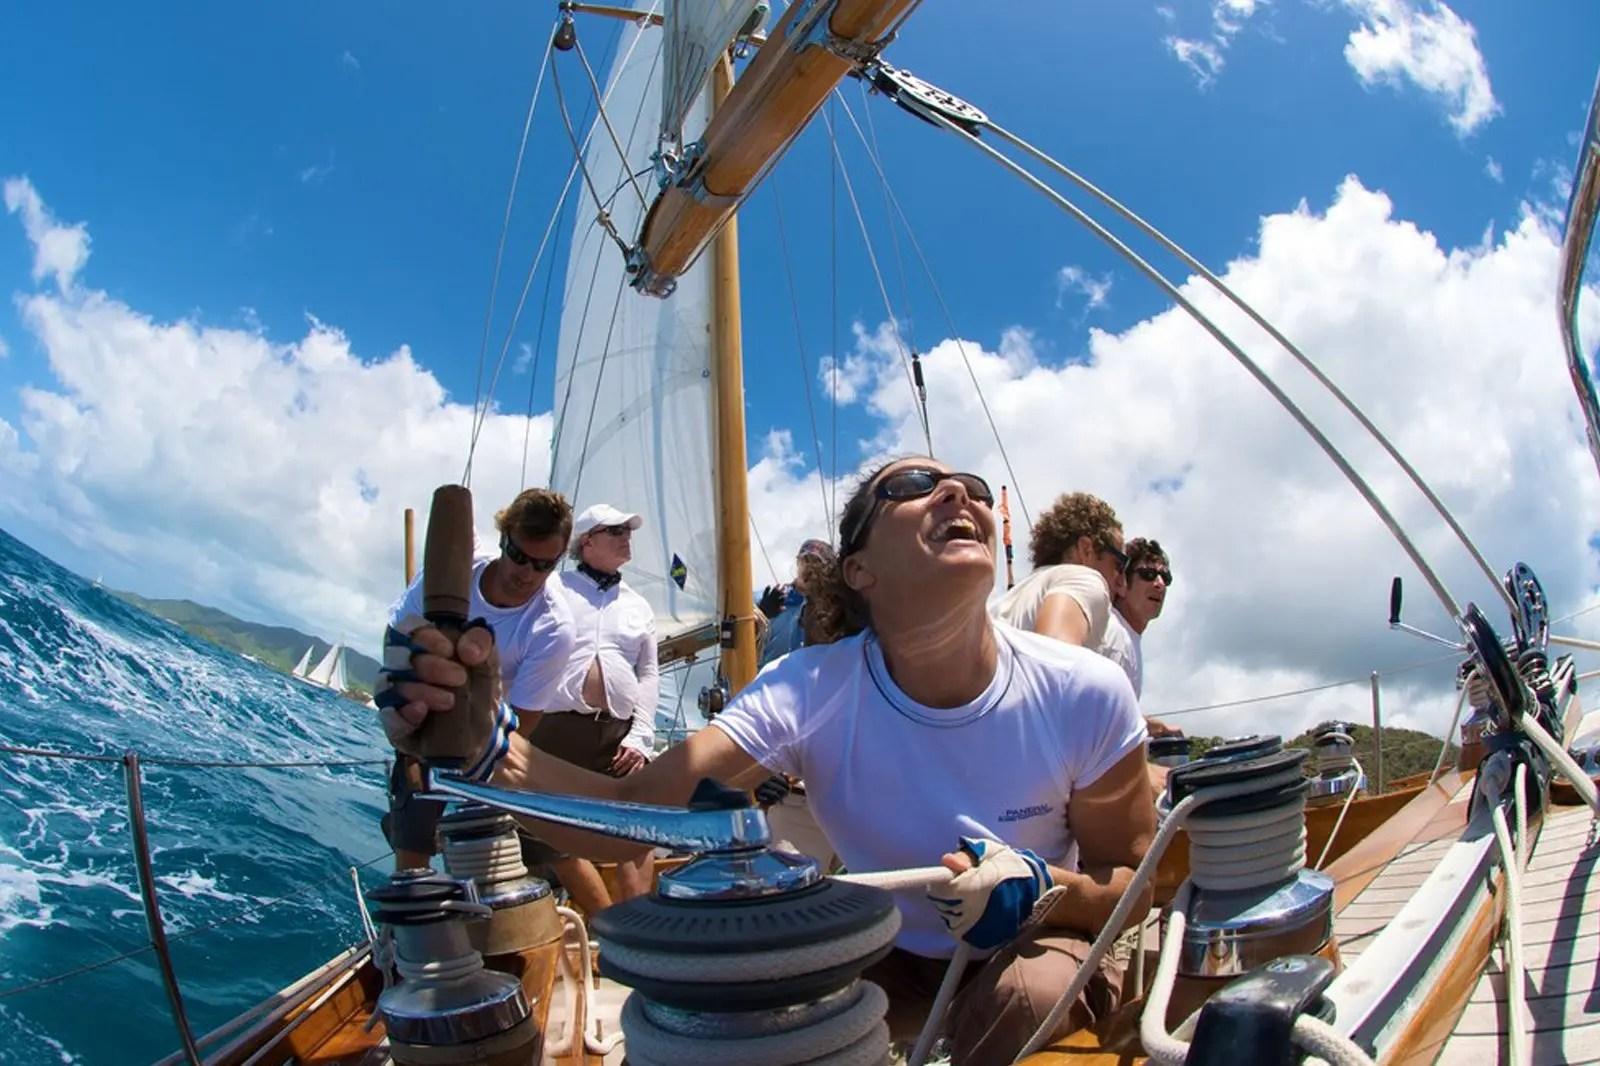 Paura di prendere decisioni? La vela è una terapia.